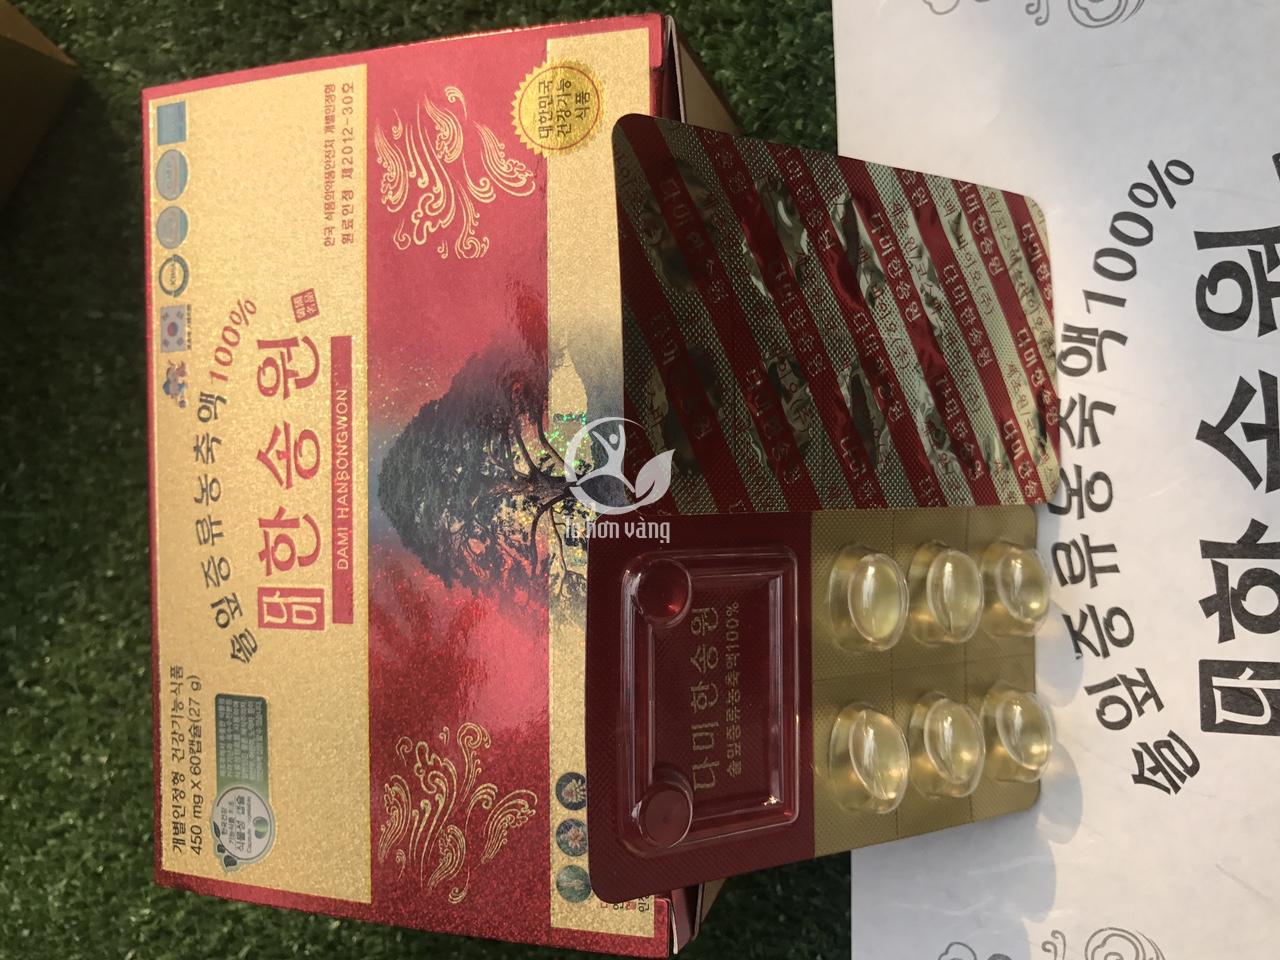 Hộp tinh dầu thông đỏ gồm 2 hộp nhỏ, mỗi hộp 60 viên được đóng thành vĩ 6 viên, mỗi hộp 10 vĩ